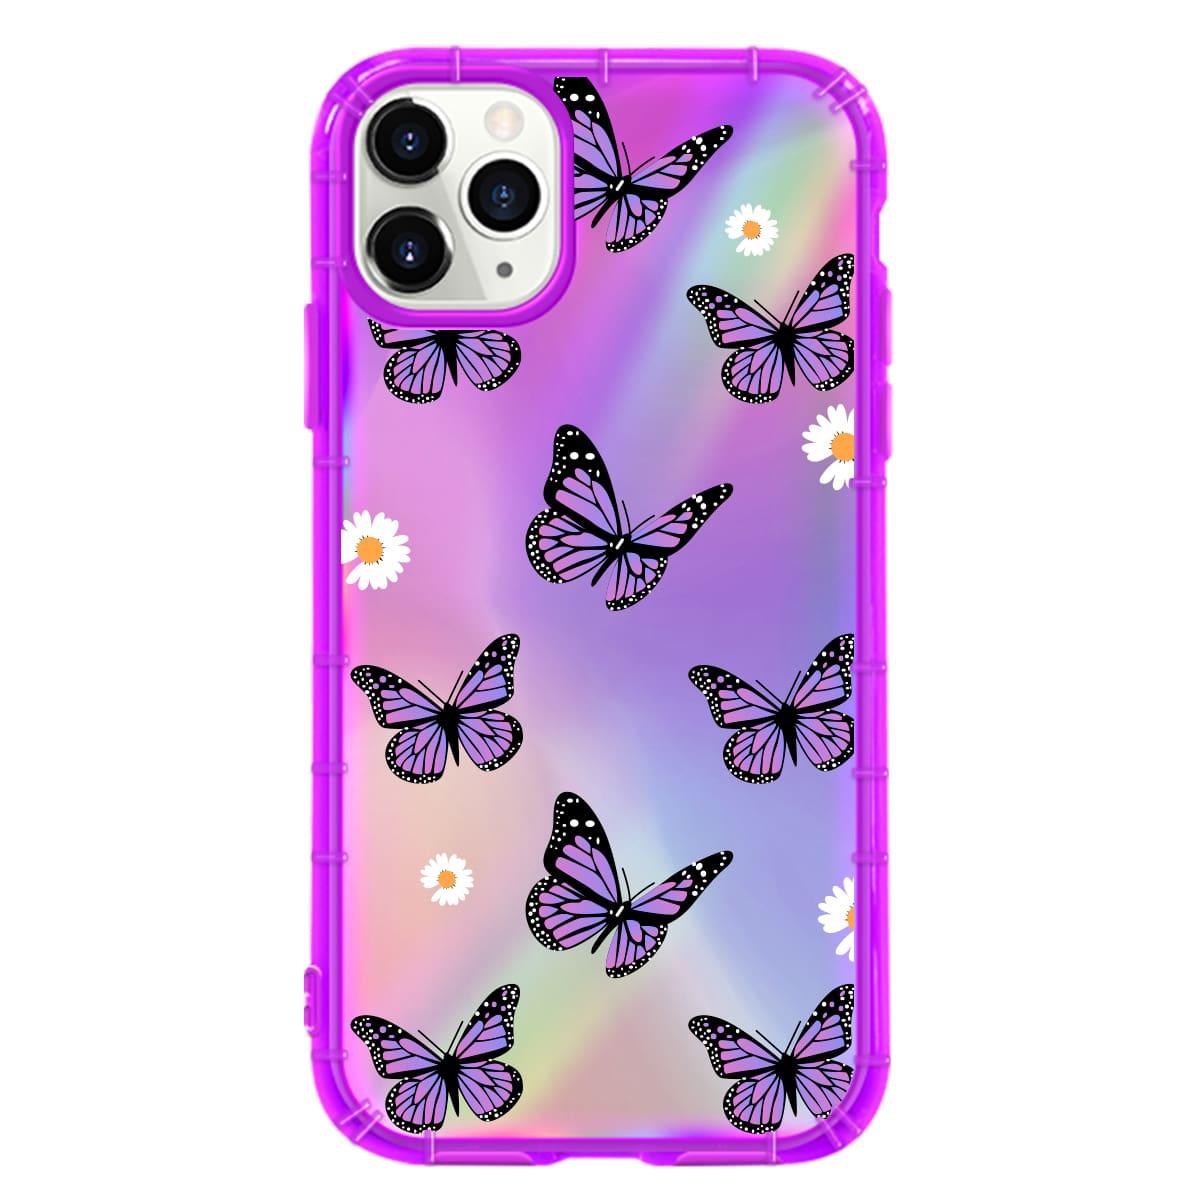 2шт прозрачный чехол для iPhone и лазерная пленка с принтом бабочки фото